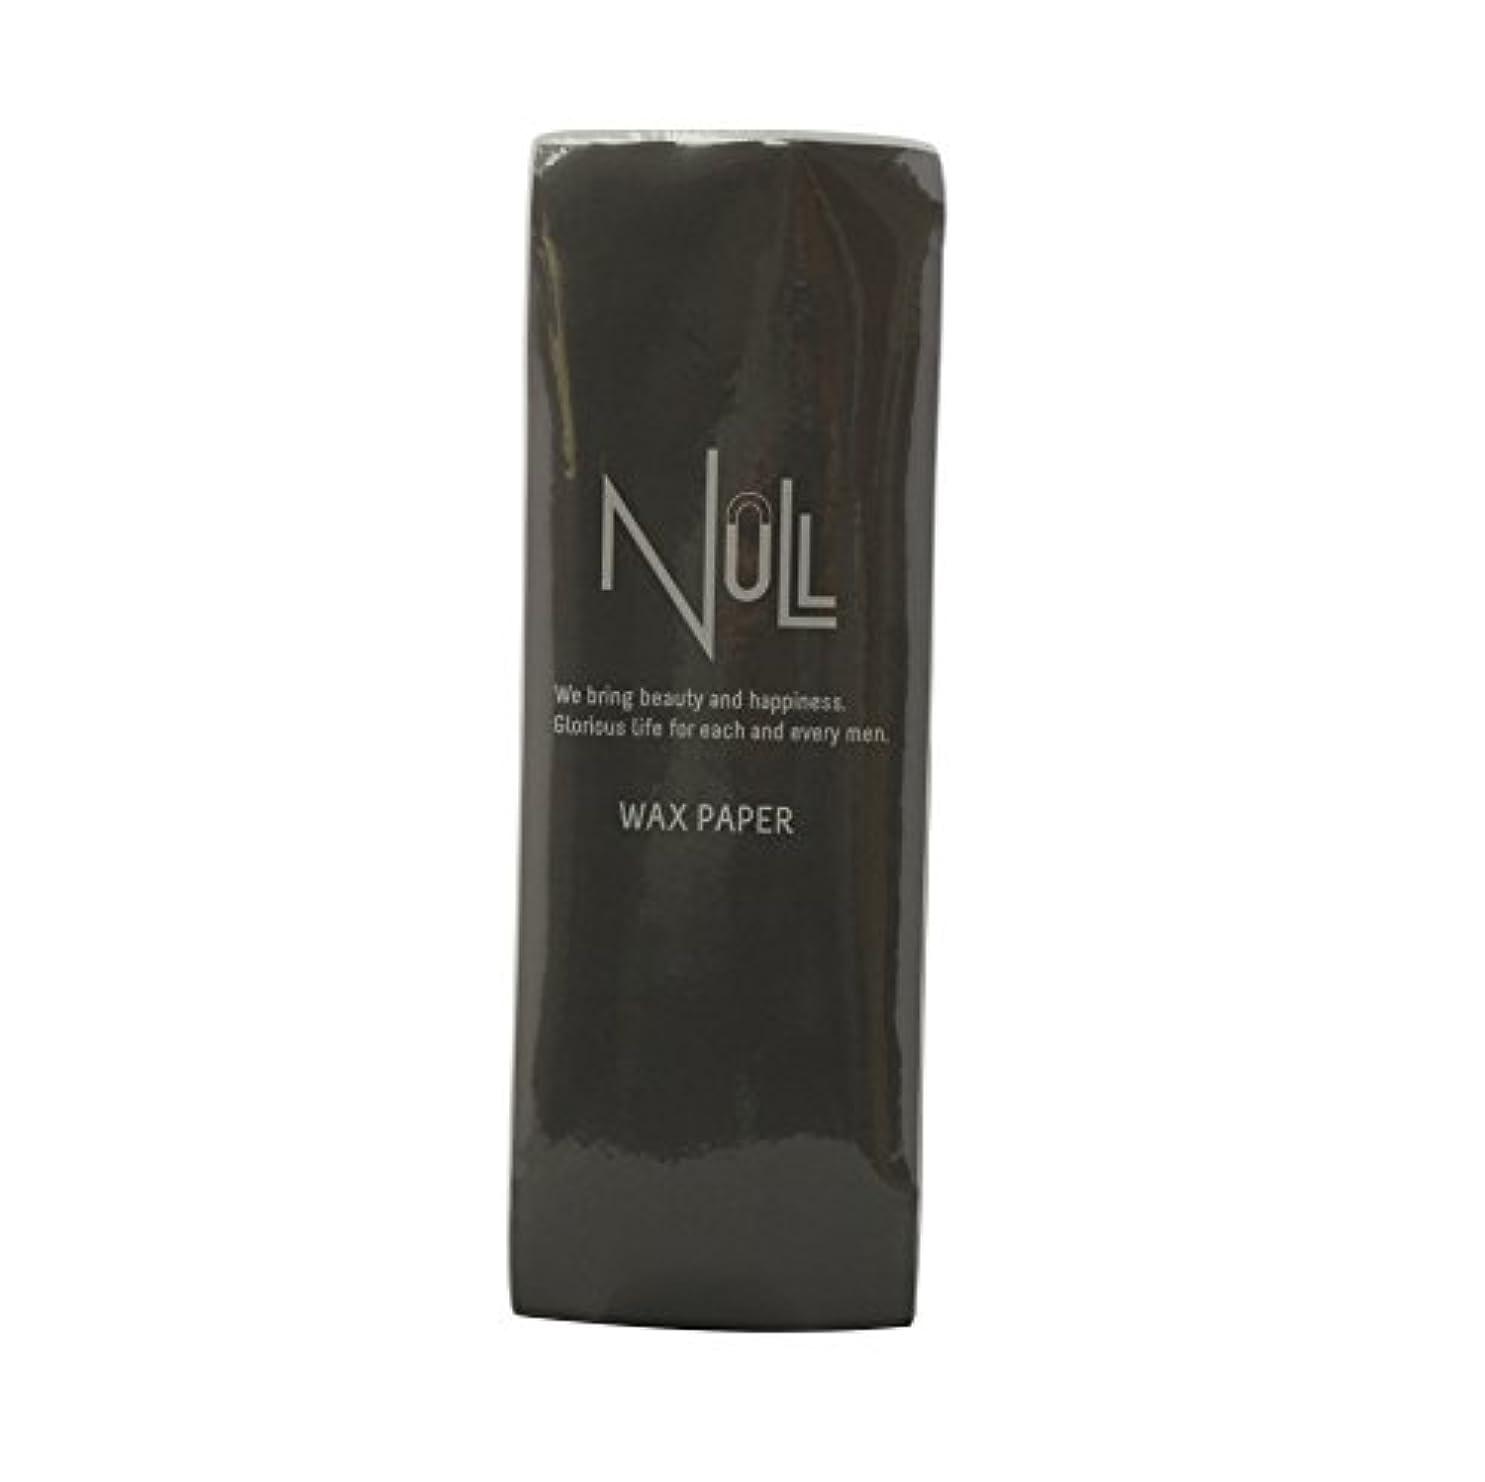 機械的に割合不安定なNULL ブラジリアンワックス用ペーパー 100枚入り 70mm幅 ワックス脱毛 専用